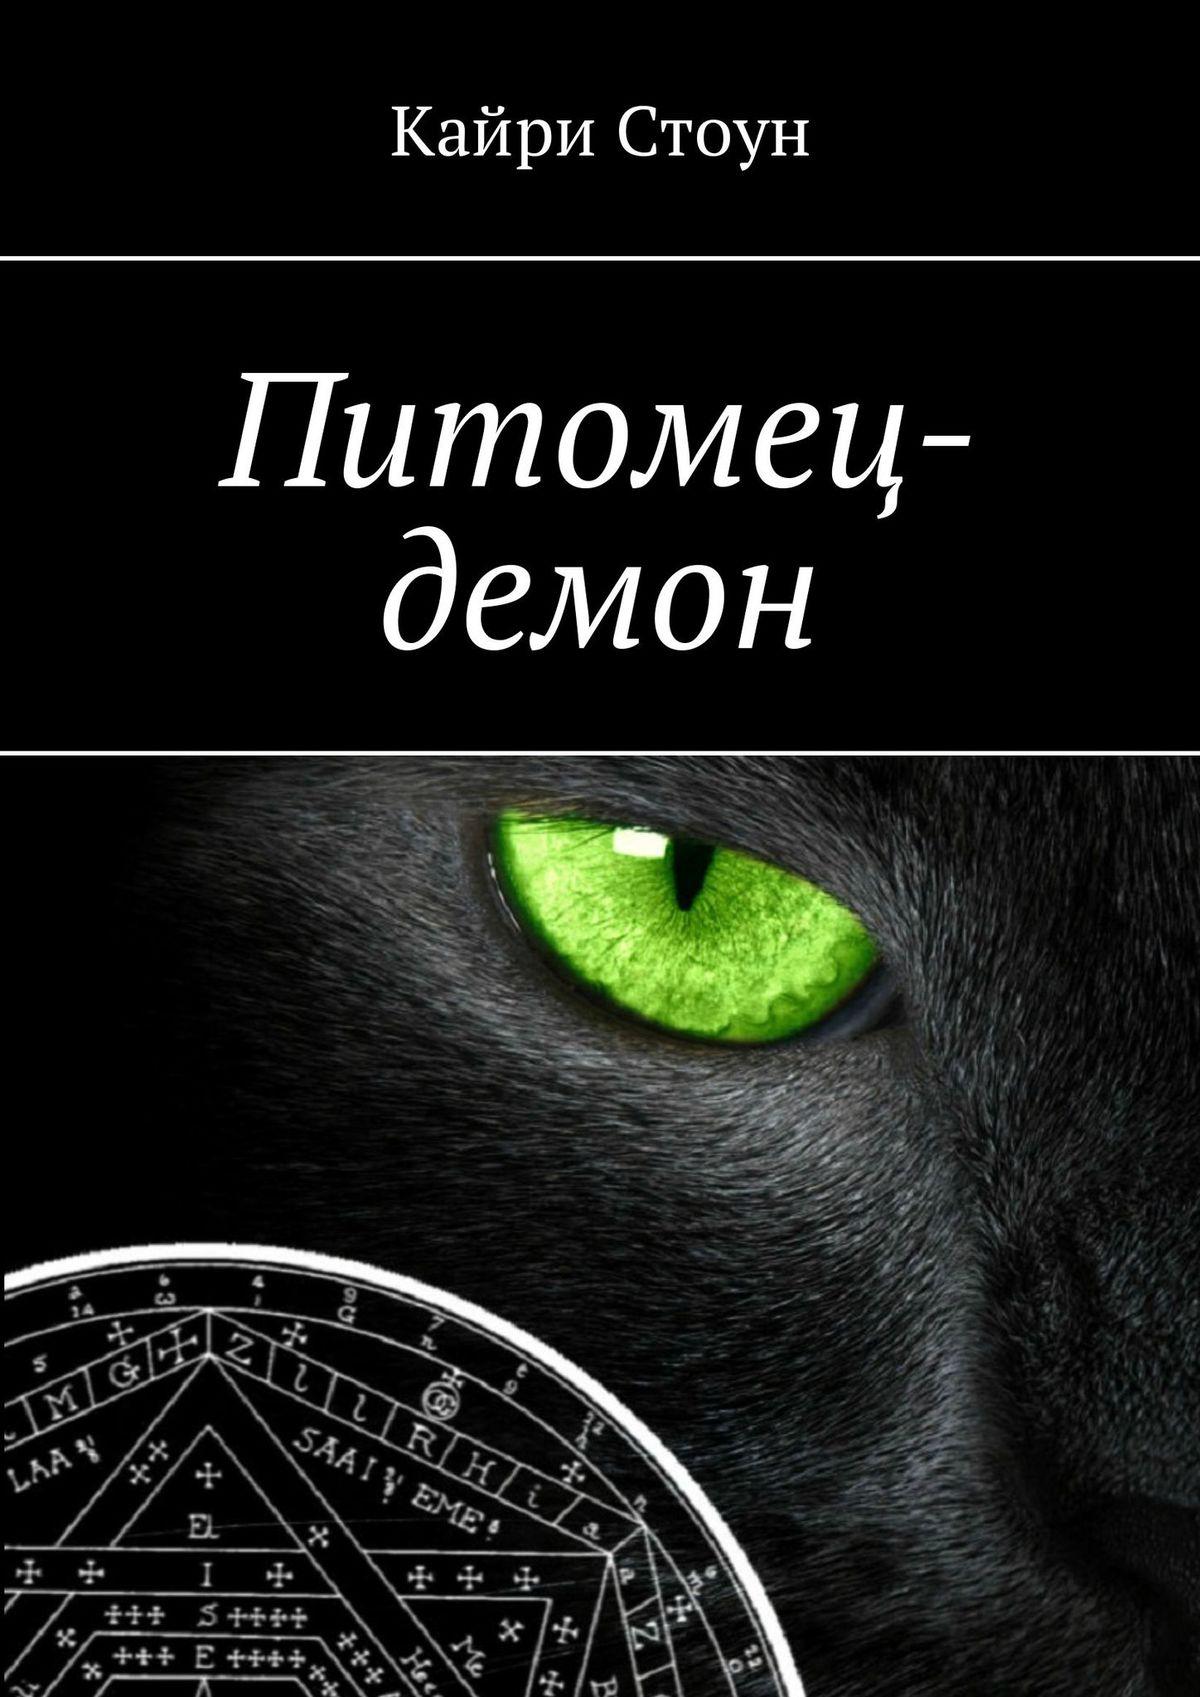 Кайри Стоун Питомец-демон тарифный план